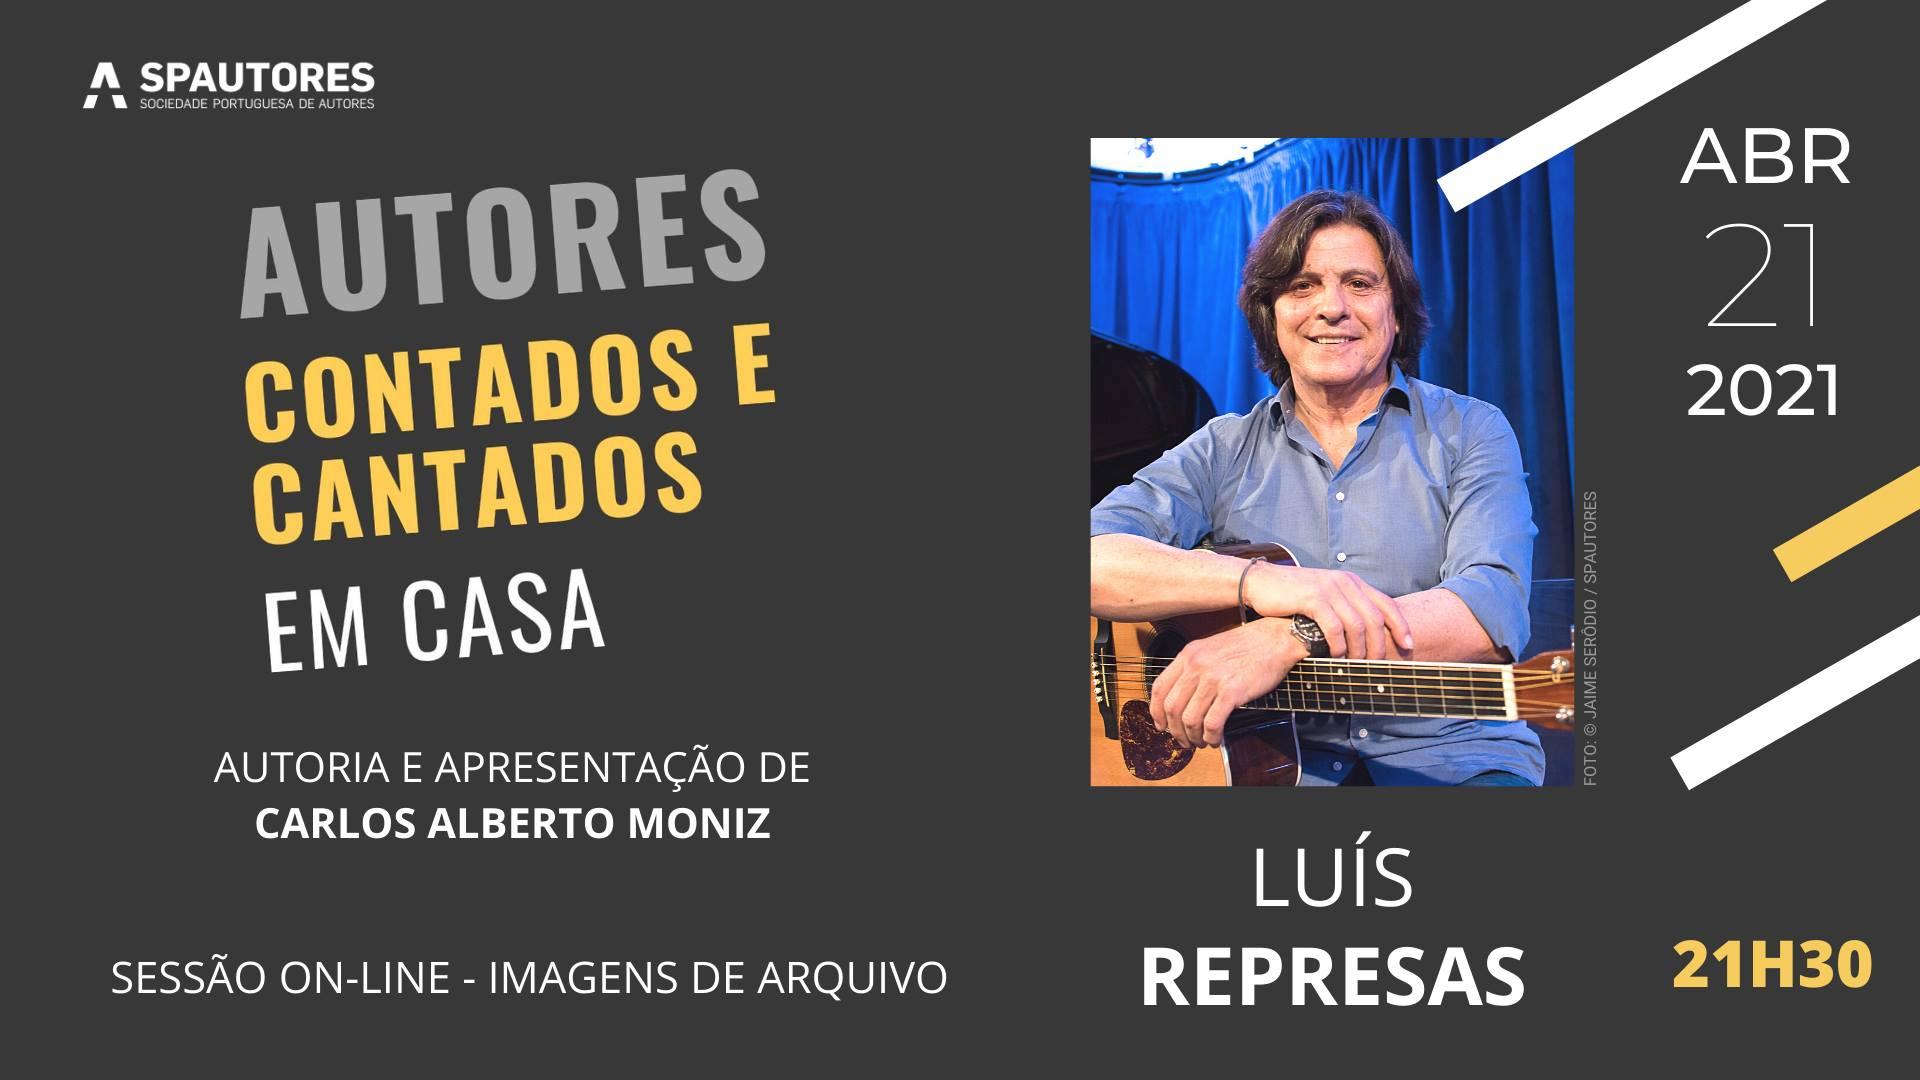 Luís Represas - Autores Contados e Cantados Em Casa